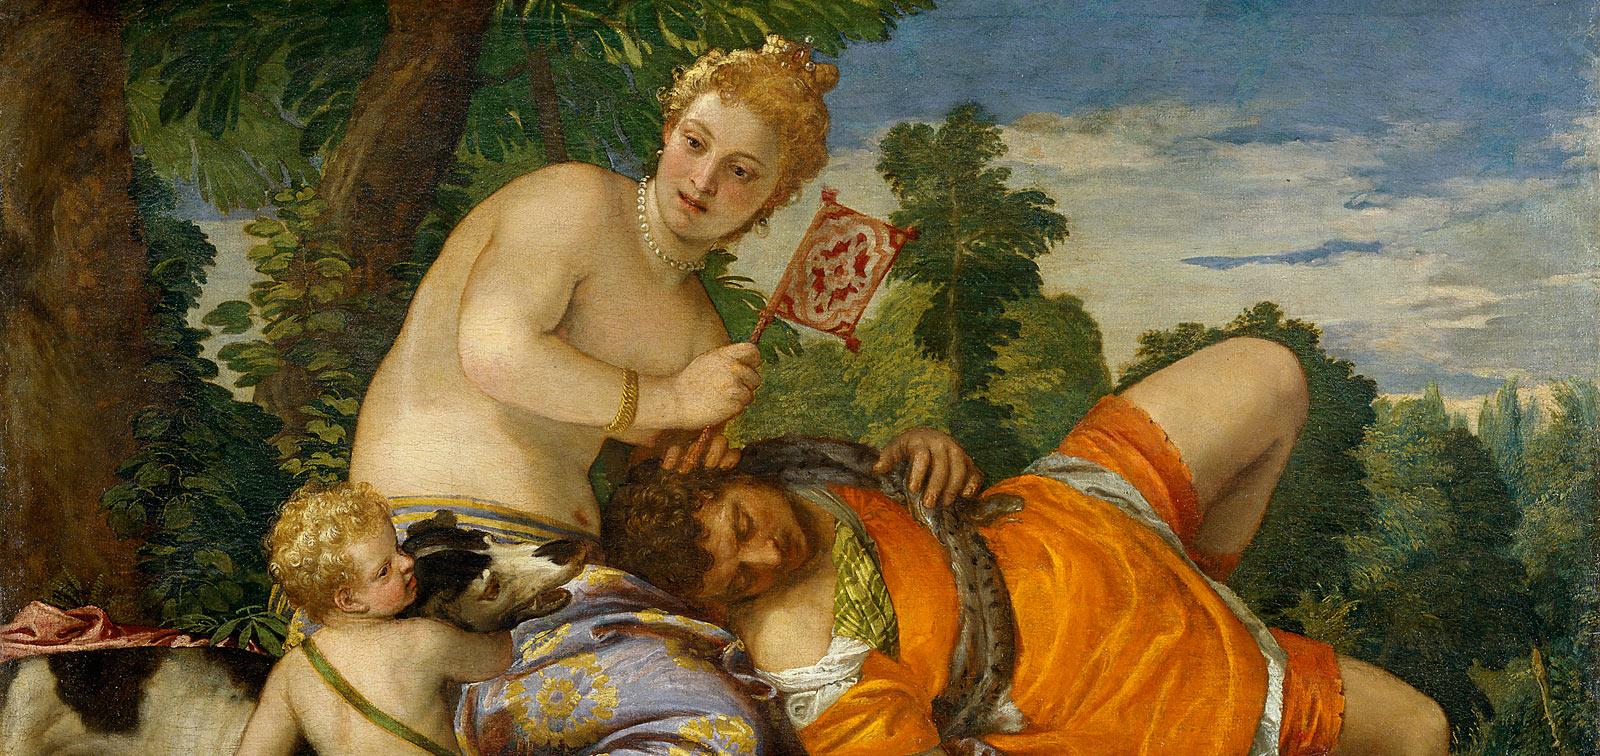 Annibale Carracci. Venus, Adonis y Cupido